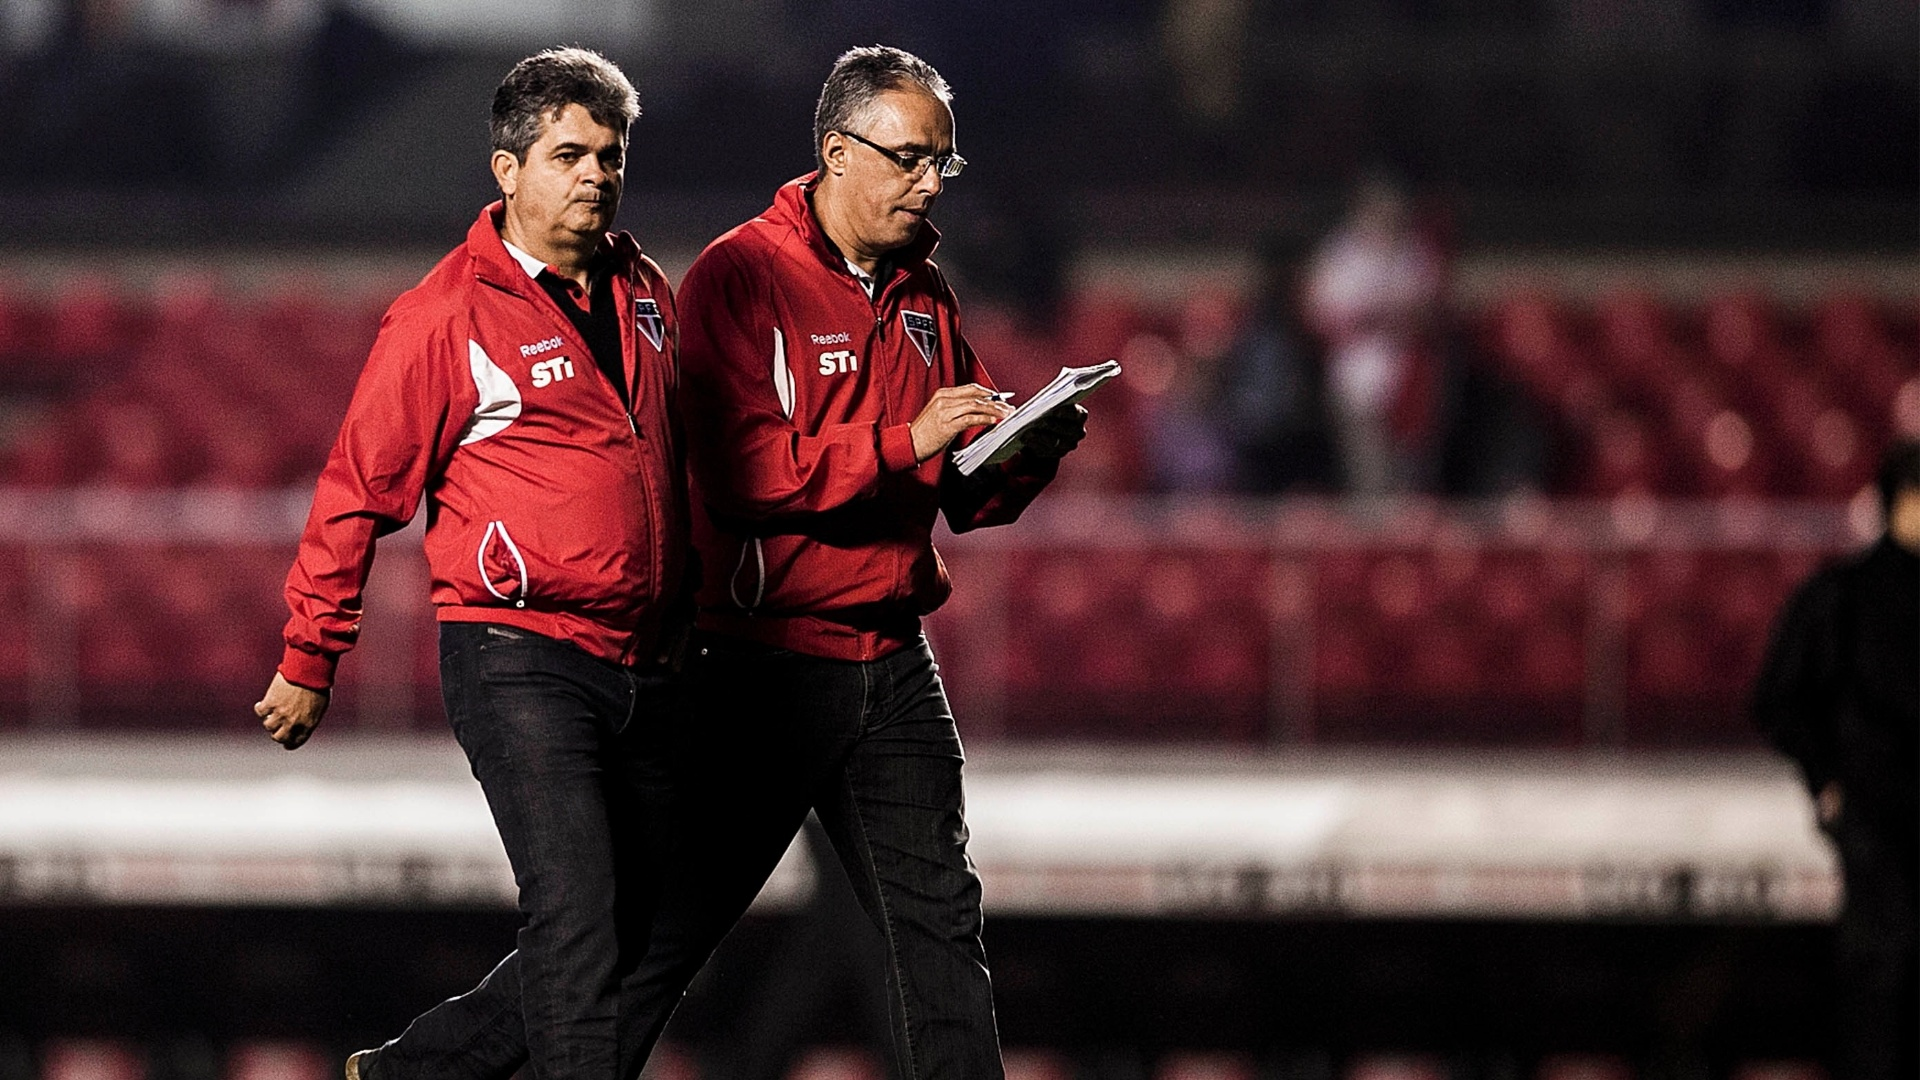 Técnico Ney Franco durante intervalo de jogo entre São Paulo e Atlético-Go no Morumbi